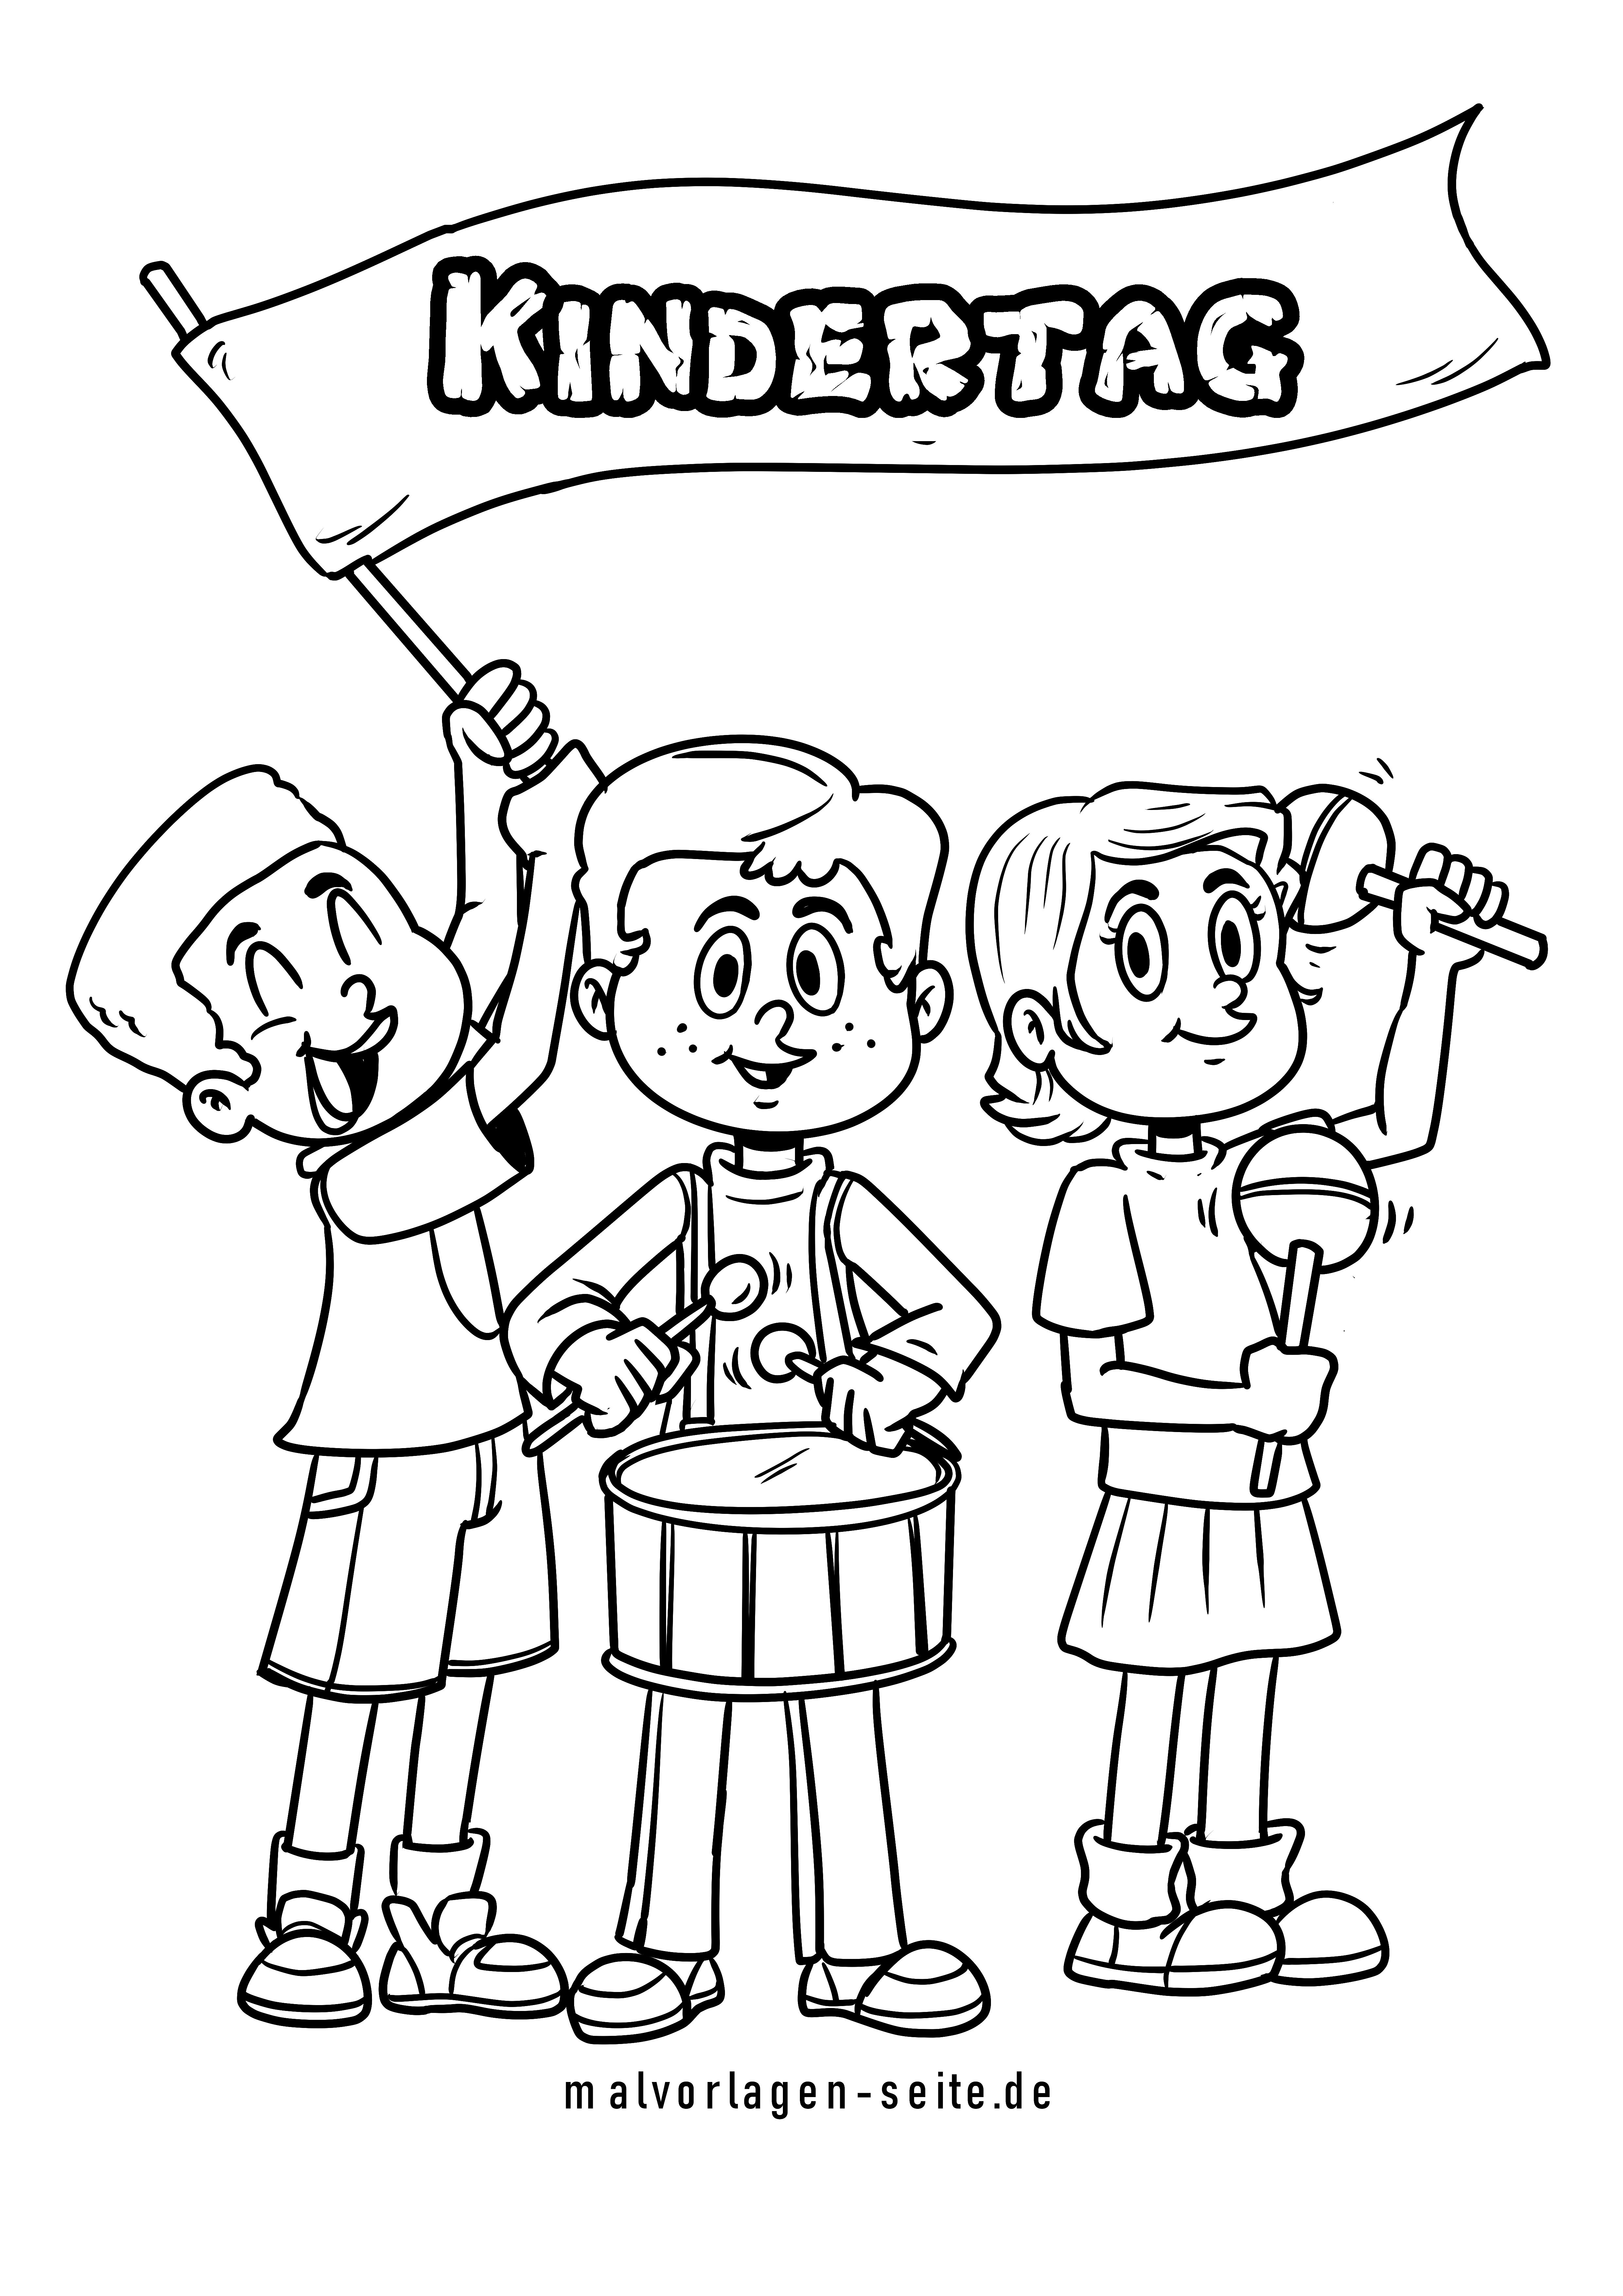 Malvorlage Kindertag   Kinder   Kostenlose Ausmalbilder